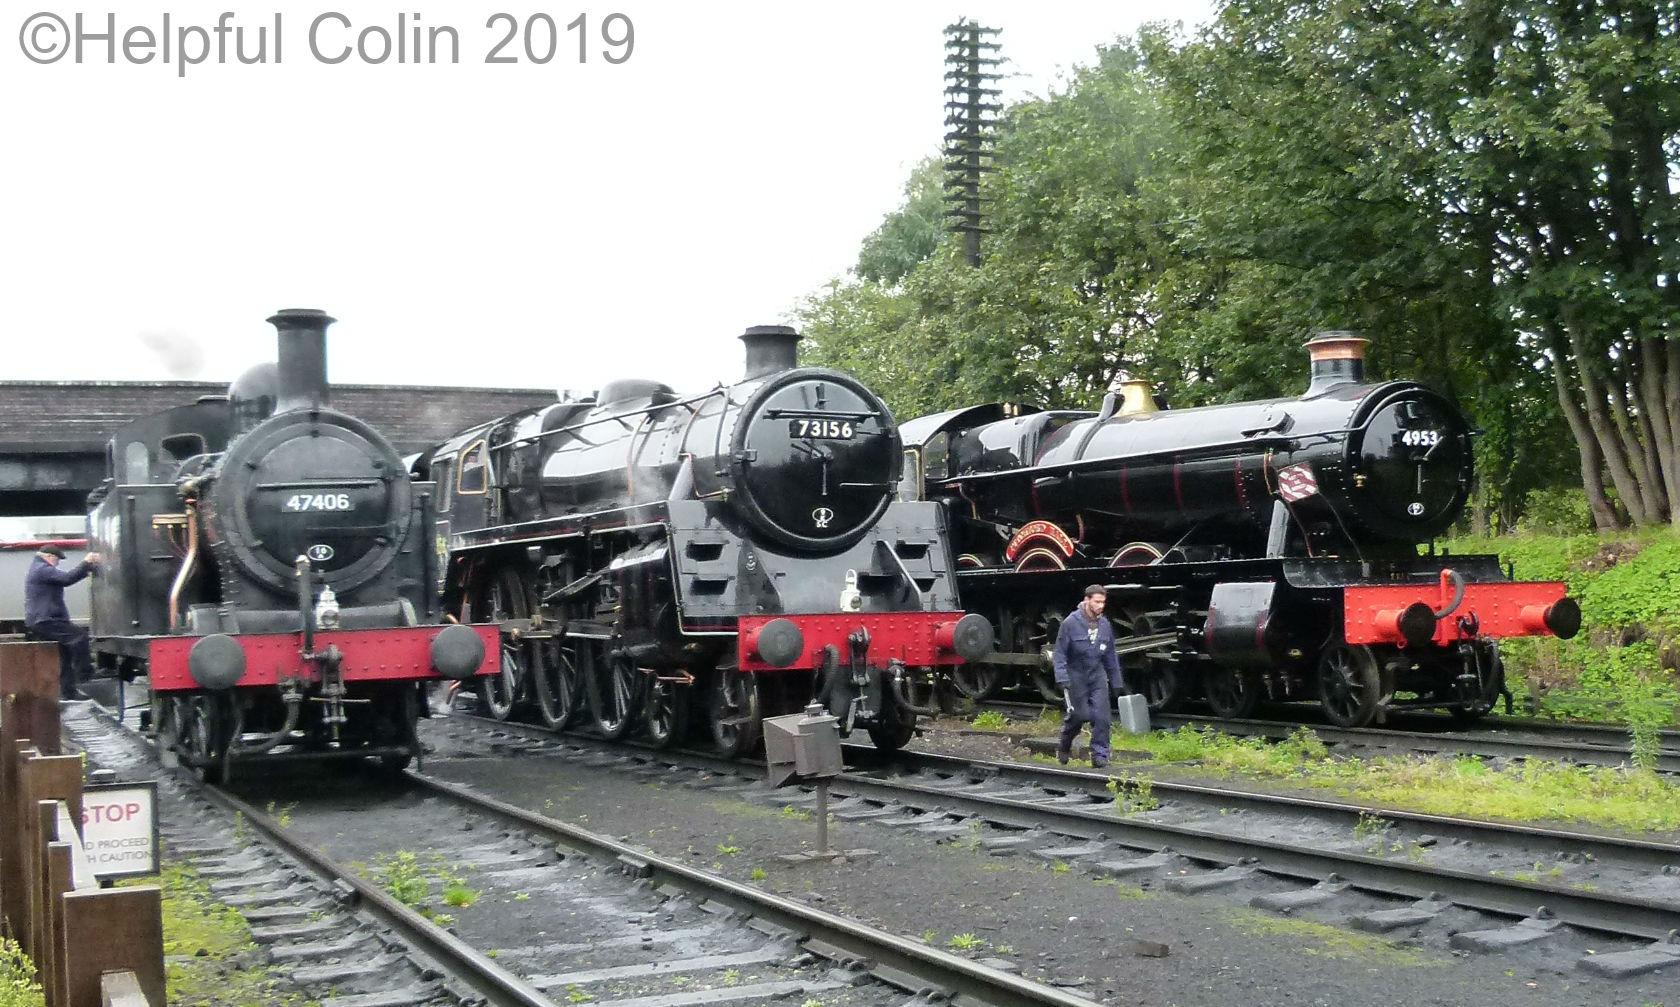 47406, 73156 & 4933 autumn steam gala 2019